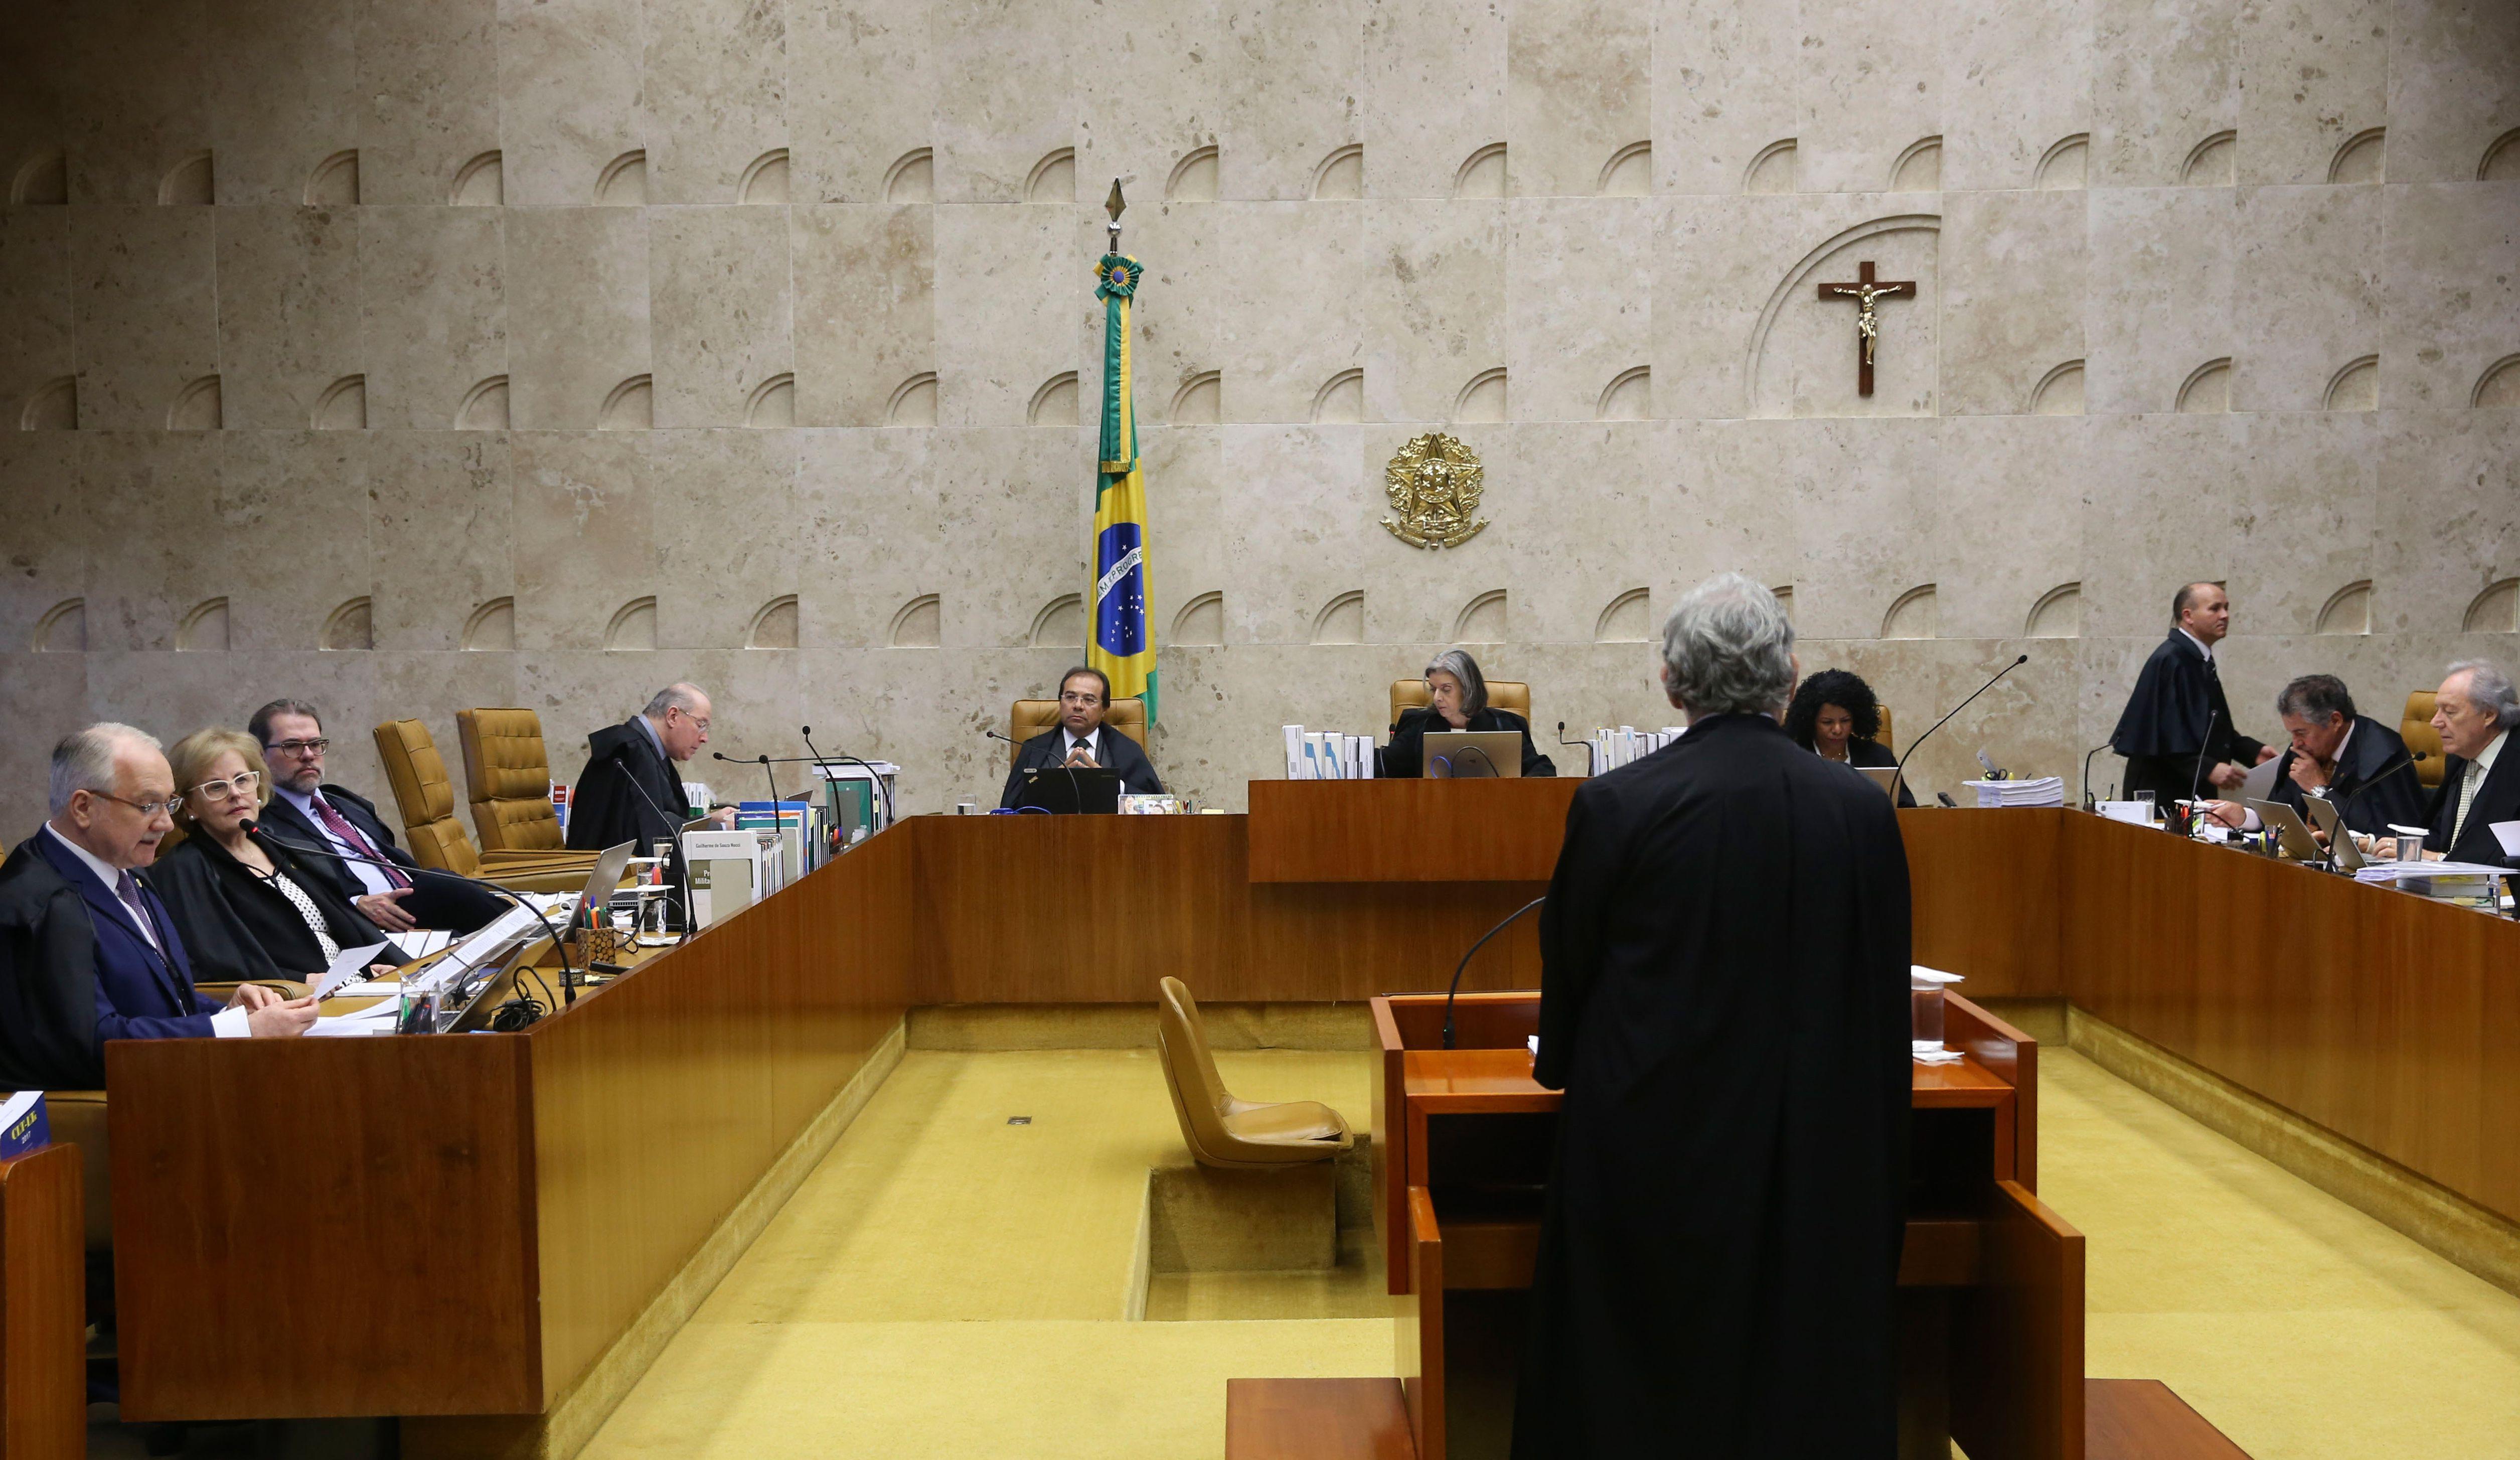 Sessão do STF para decidir sobre suspeição do procurador-geral da República, Rodrigo Janot, nas investigações relacionadas ao presidente Michel Temer